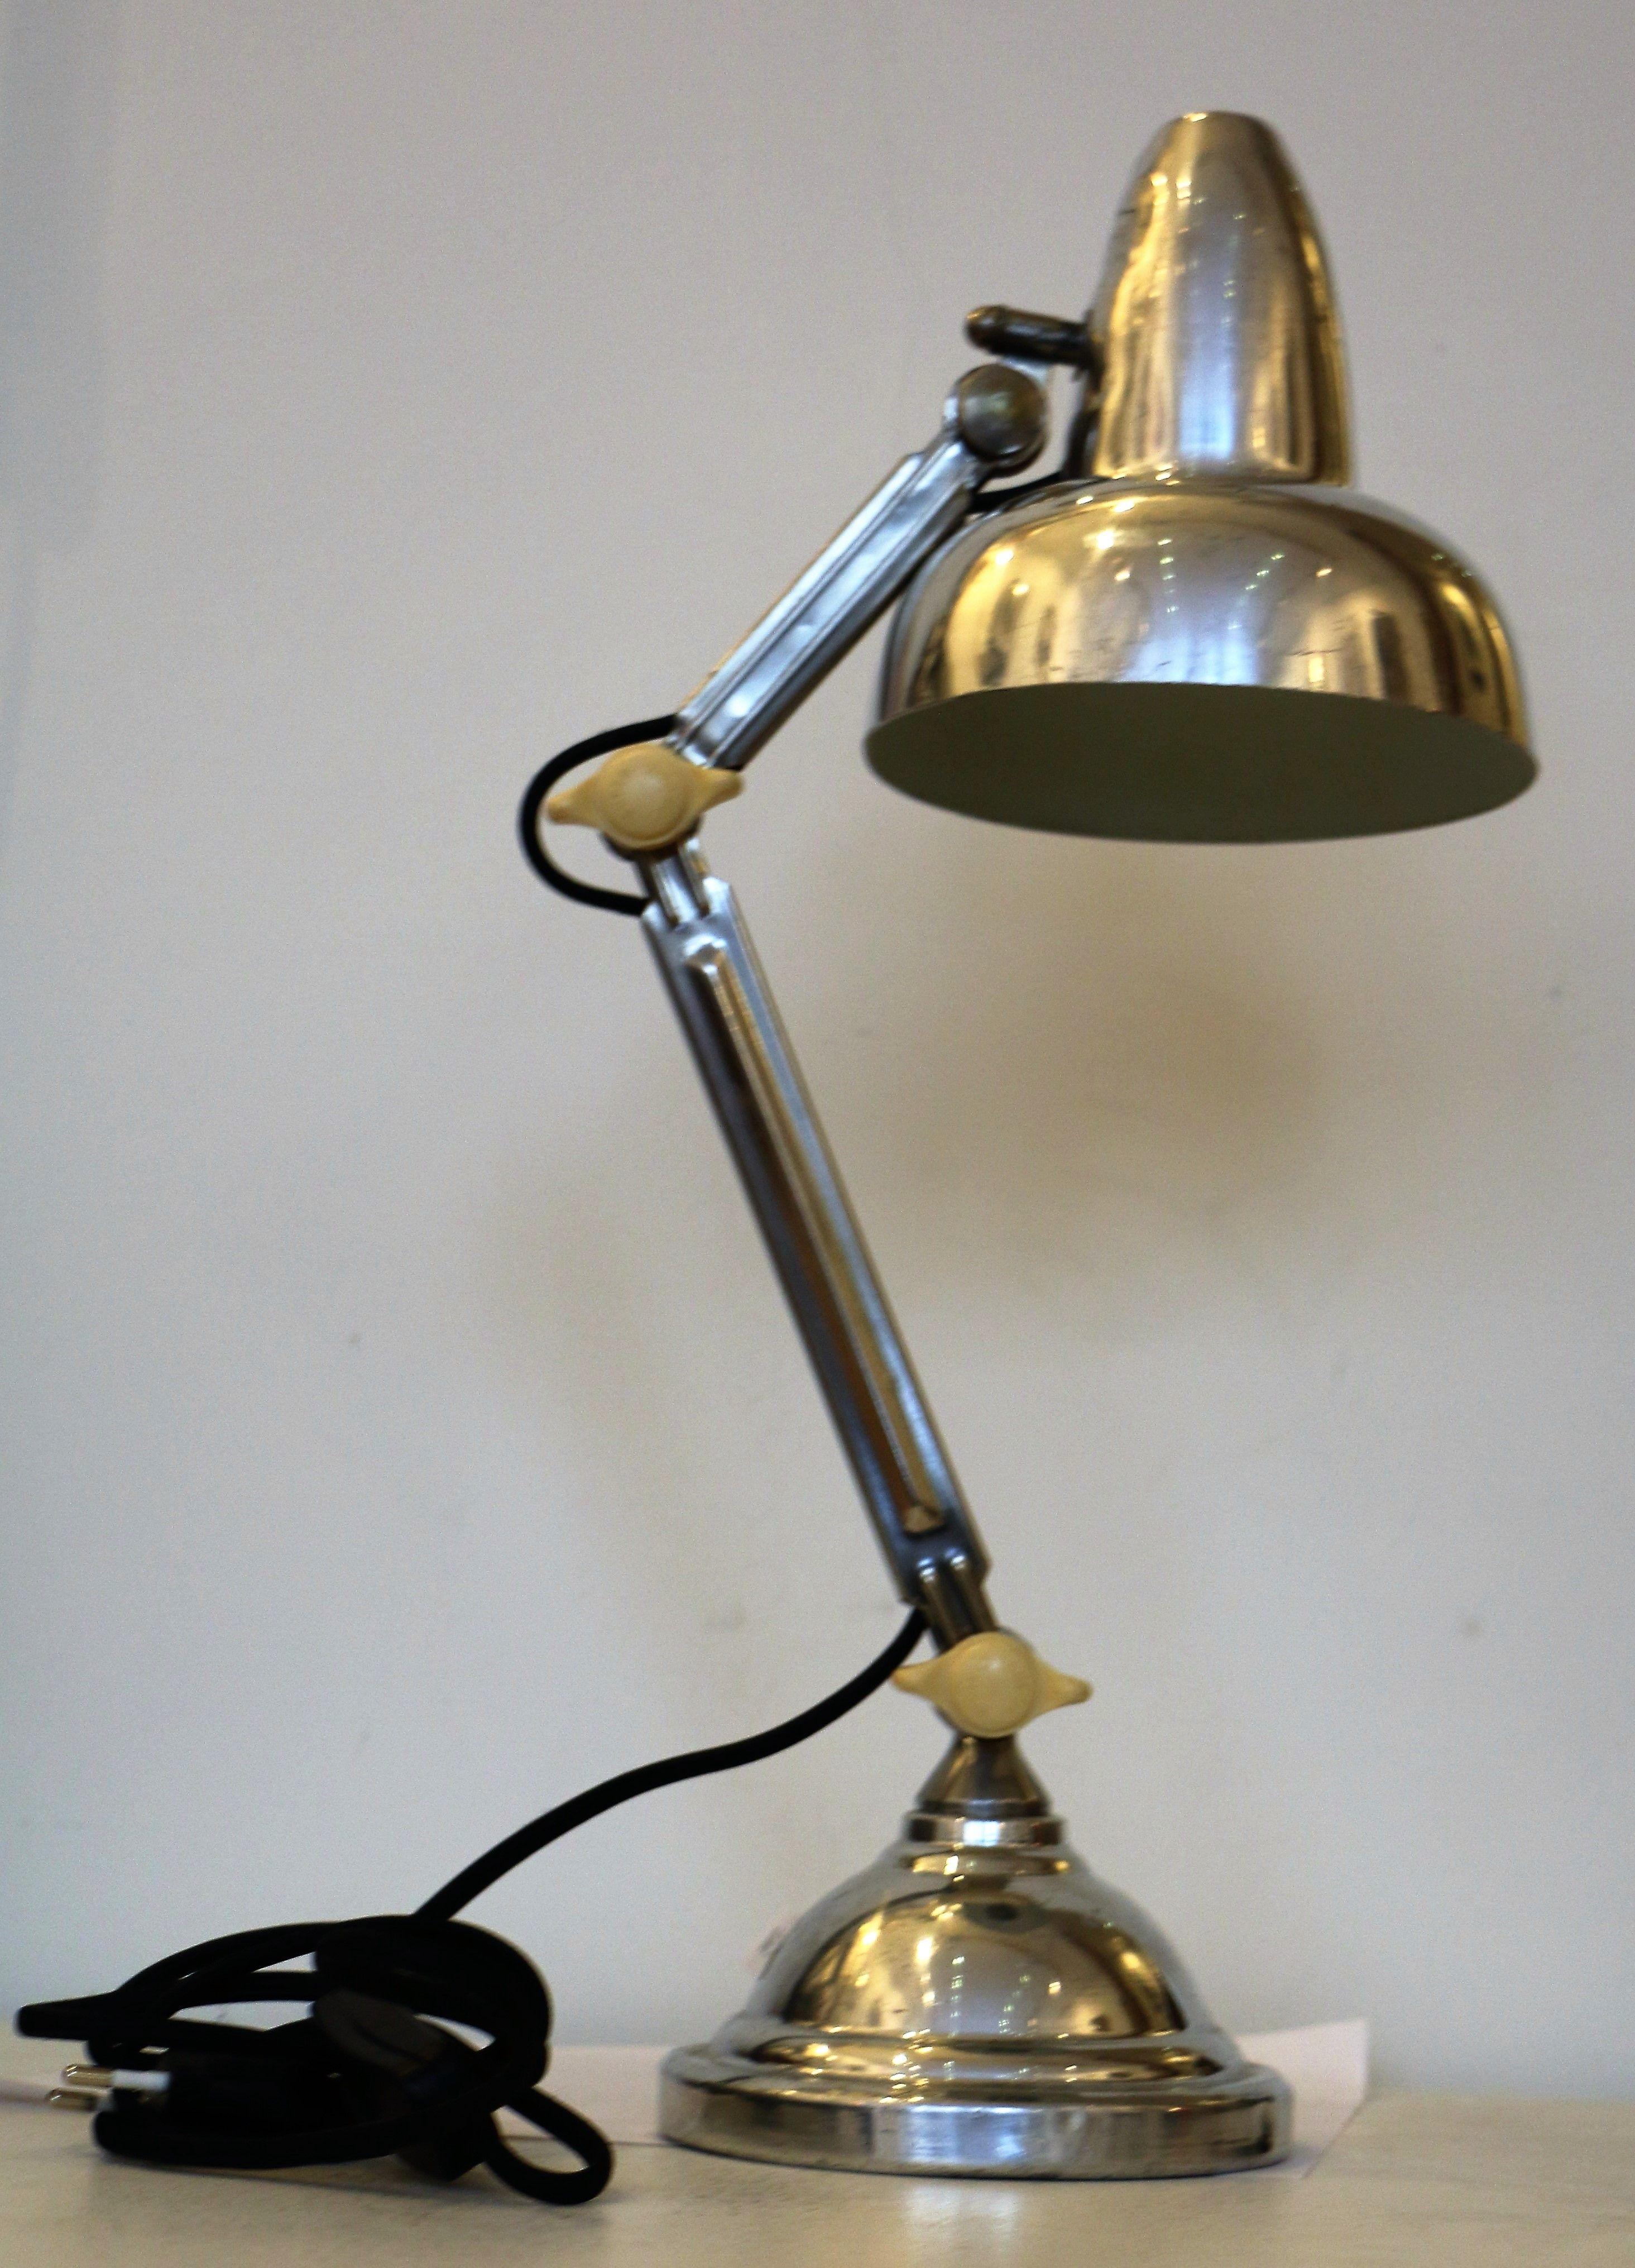 Lampe De Bureau Super Chrome A Deux Bras Articules En Aluminium Et